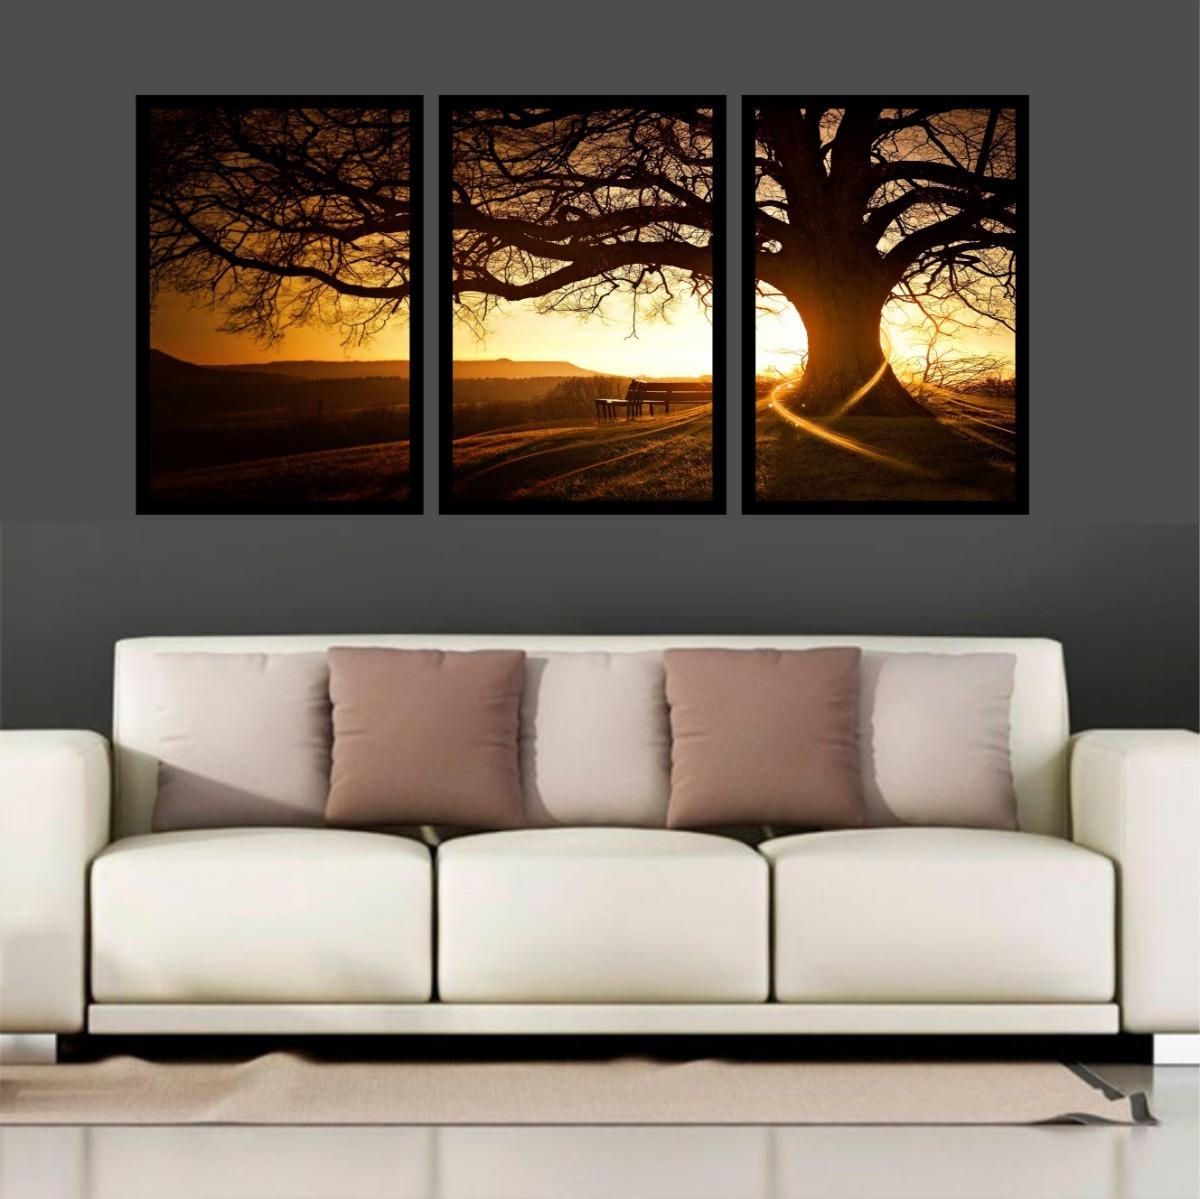 e416a2ddd quadro decorativo árvore por do sol linda sala quarto parque. Carregando  zoom.